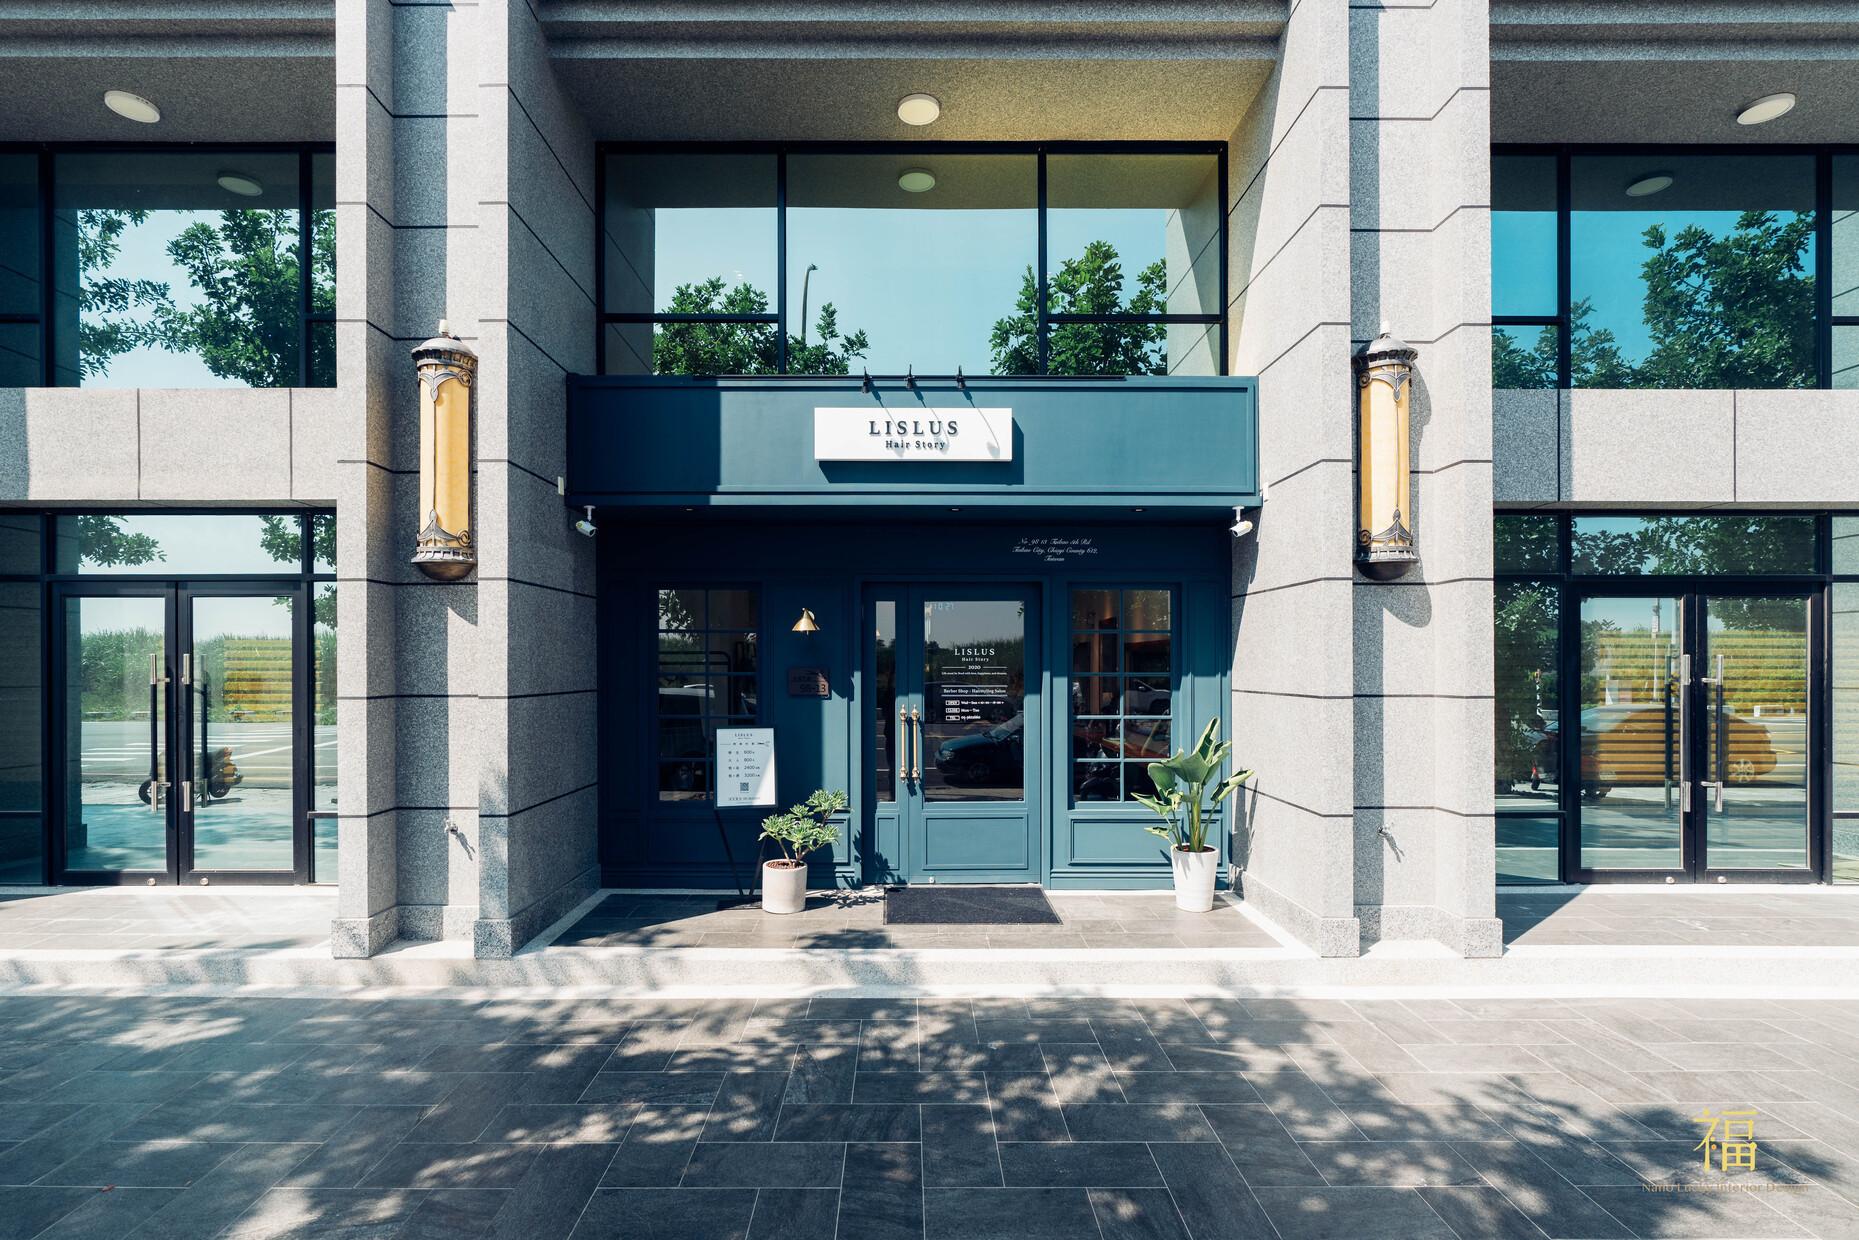 26嘉義太保日系髮廊lislushairsalonstory-店址全景|小福砌商業美髮沙龍空間設計